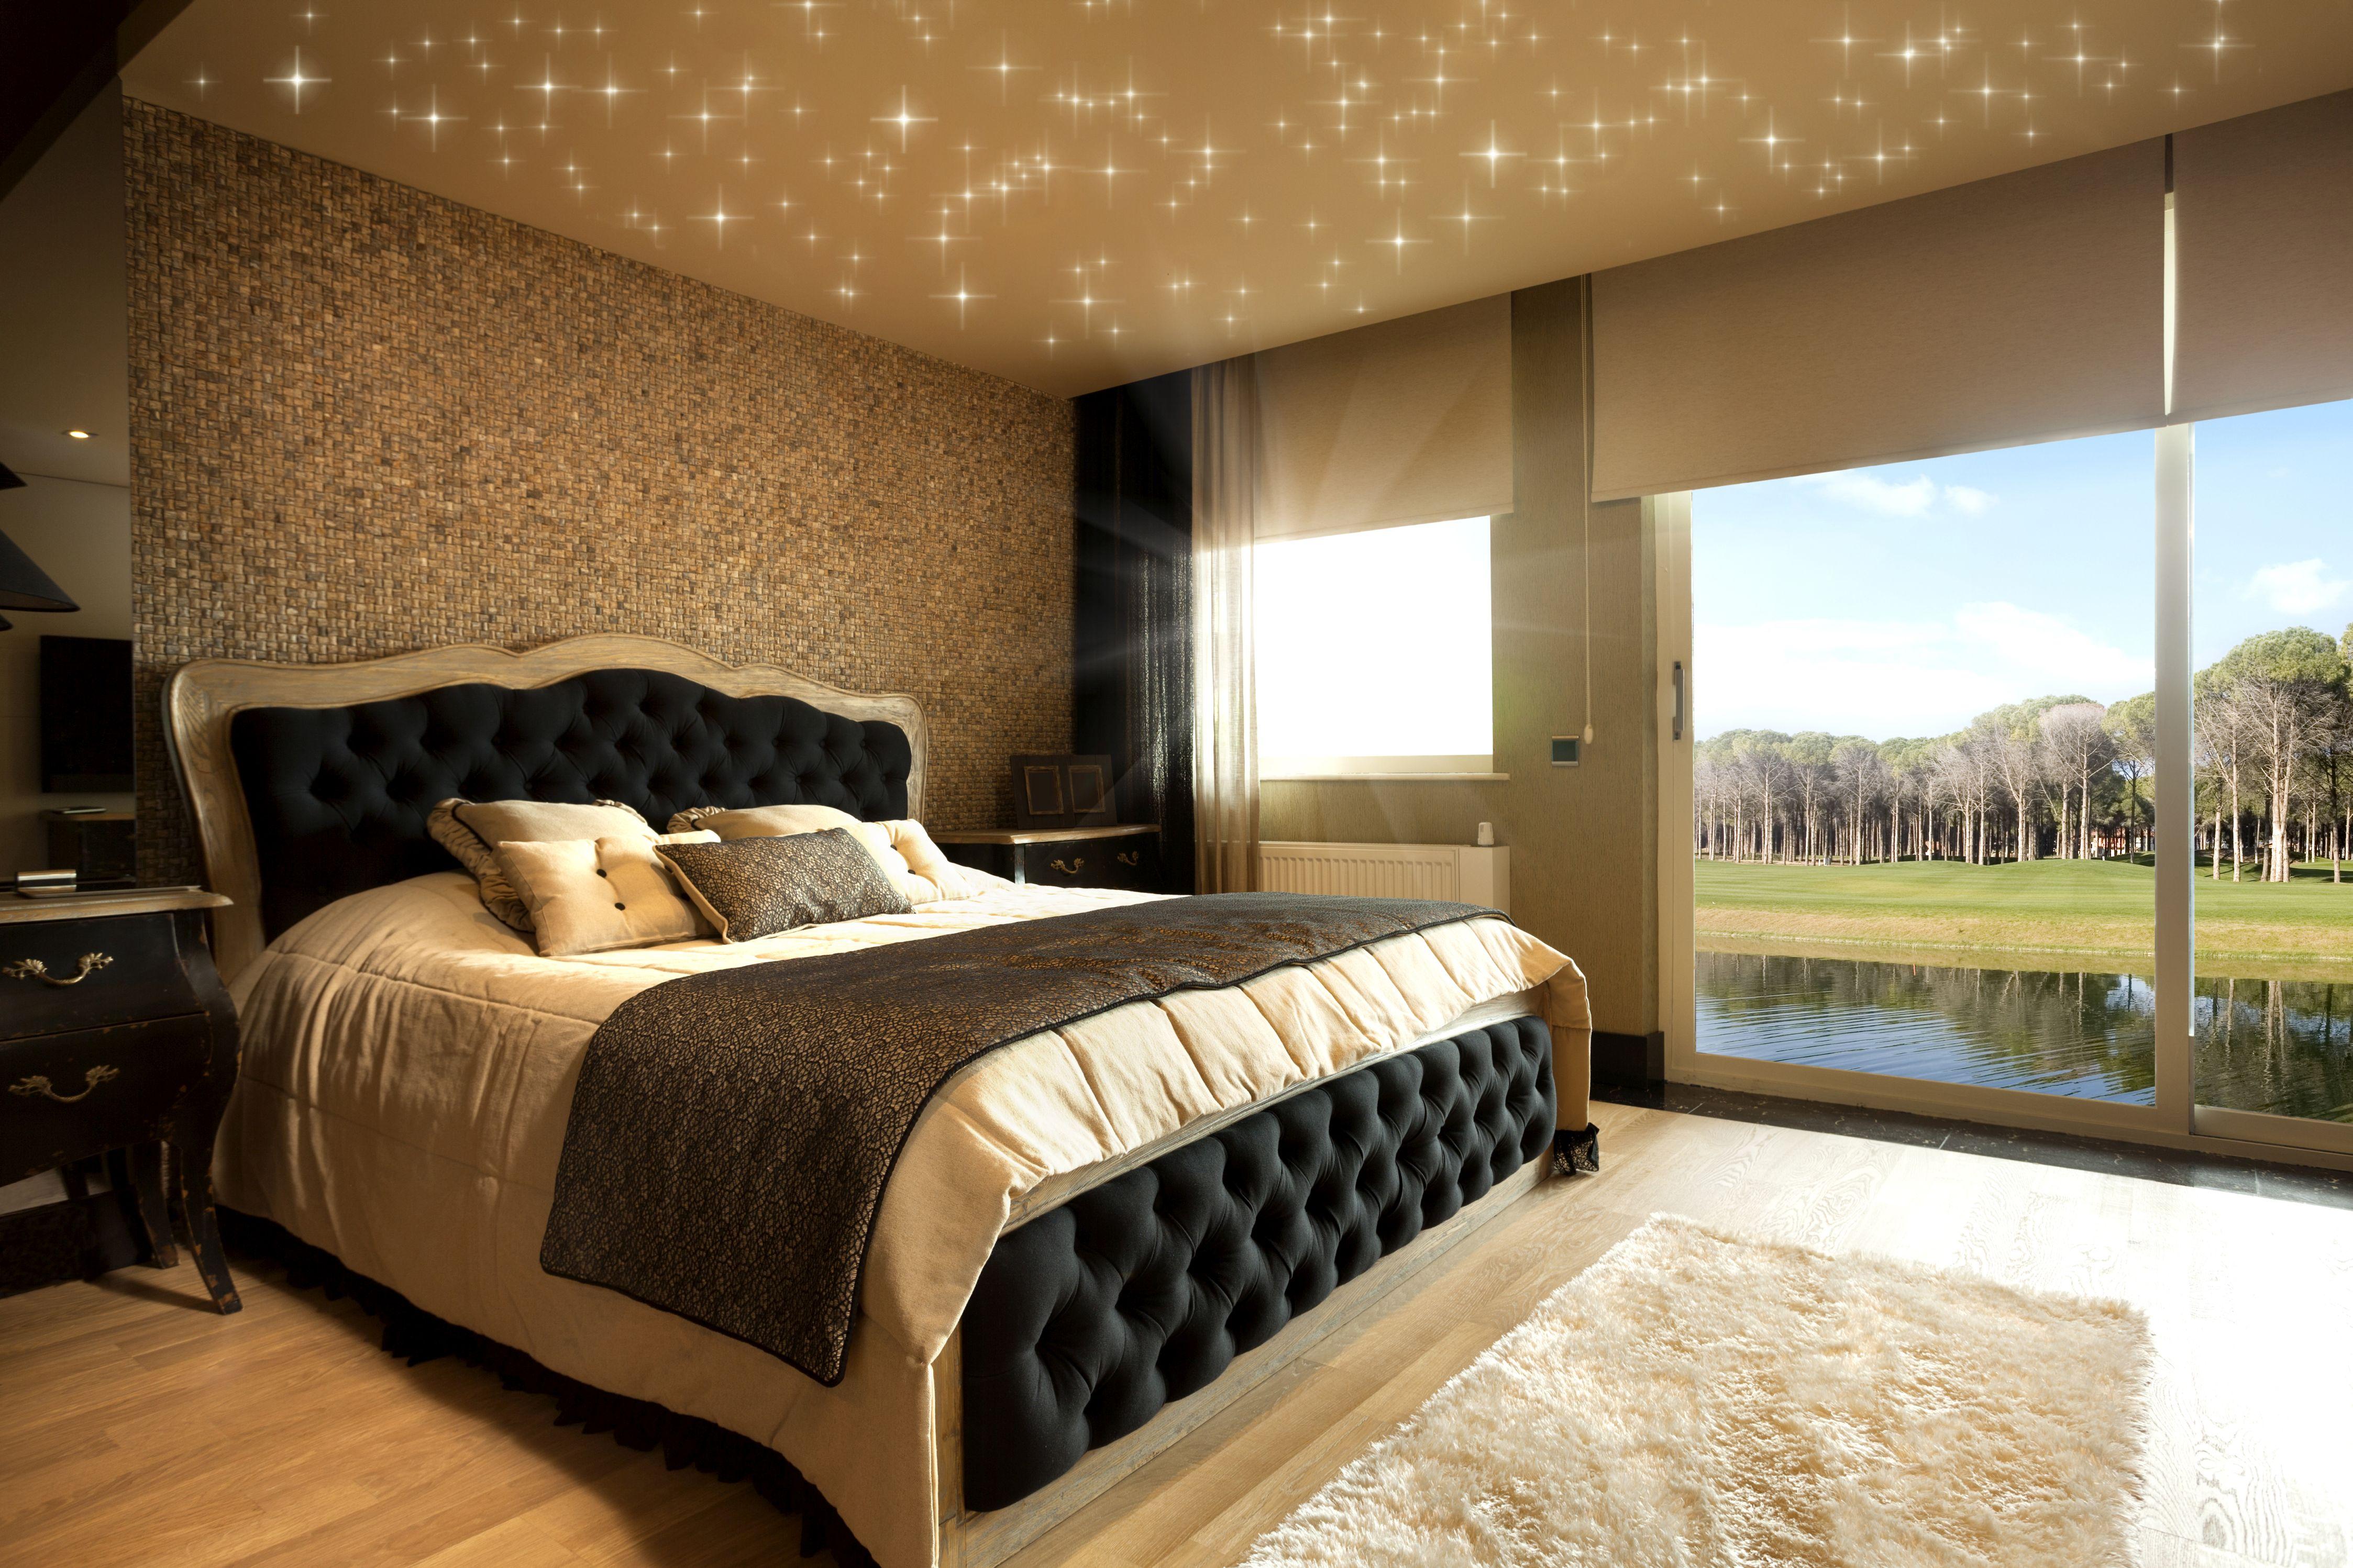 schlafzimmer sternenhimmel - 55 images - wandtattoo wandsticker ...